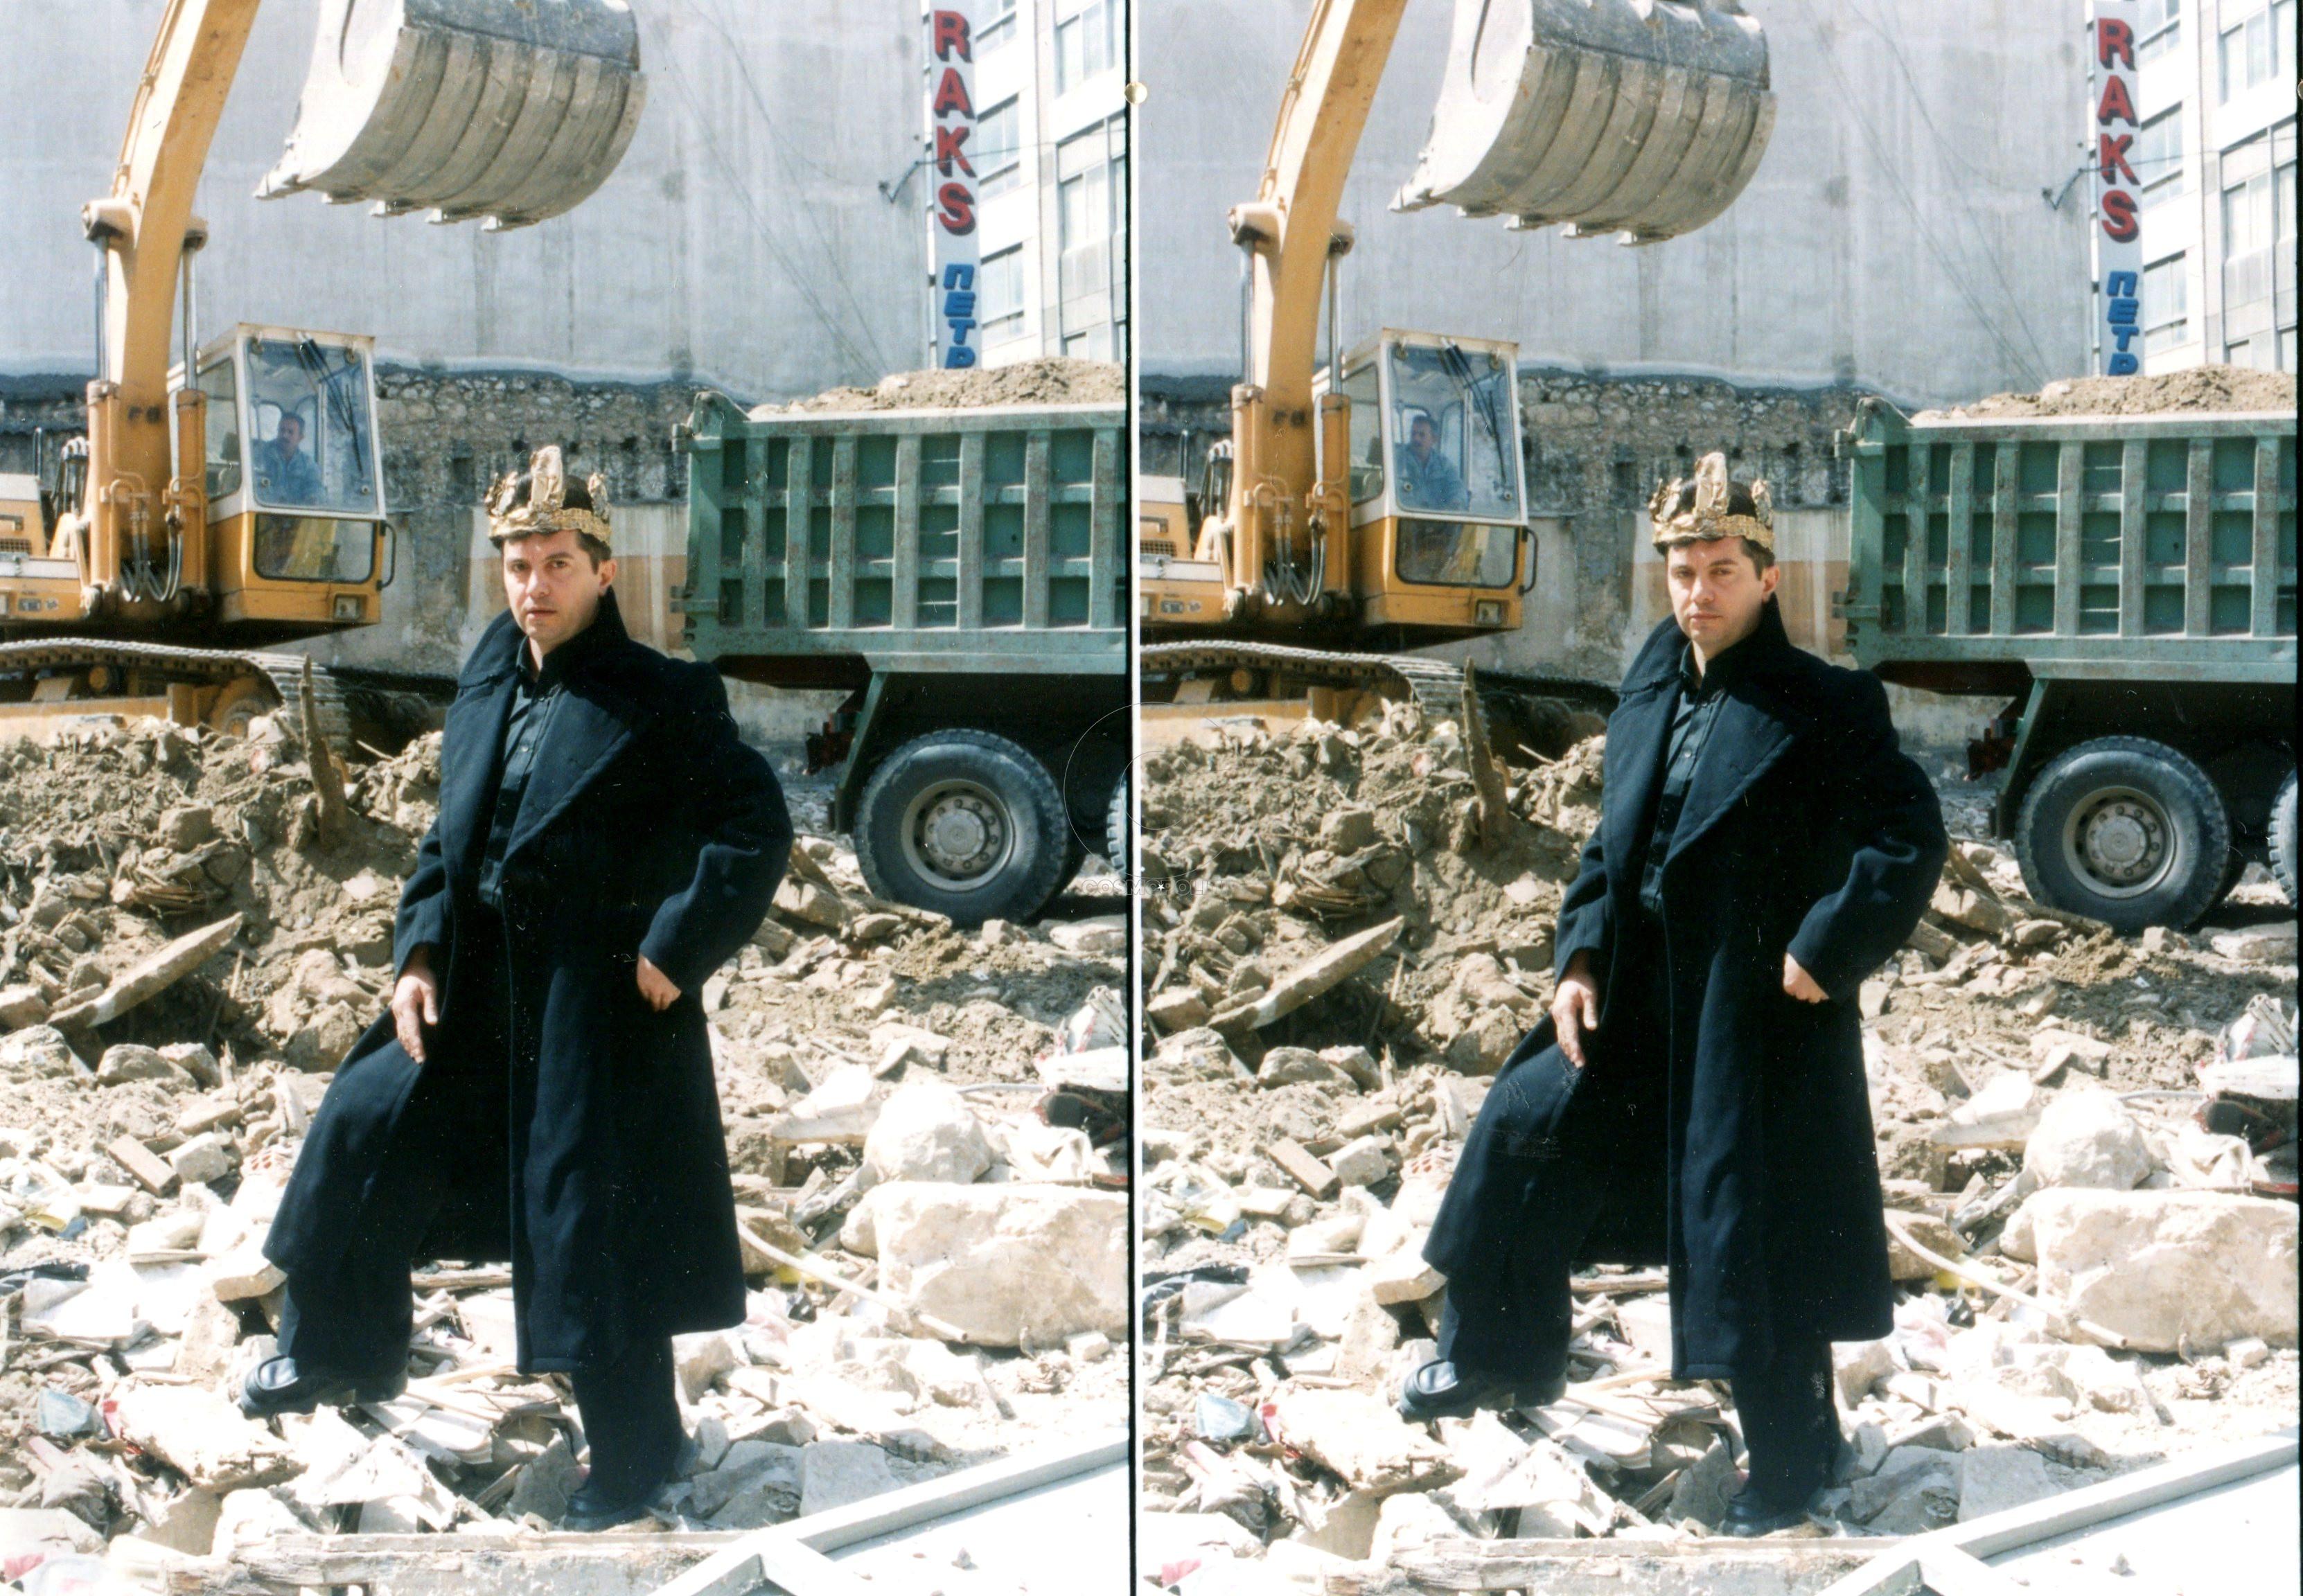 ΚΩΣΤΑΣ ΕΥΑΓΓΕΛΑΤΟΣ, ΤΟ ΤΕΛΟΣ ΤΟΥ ΑΙΩΝΑ, ACTION 1999